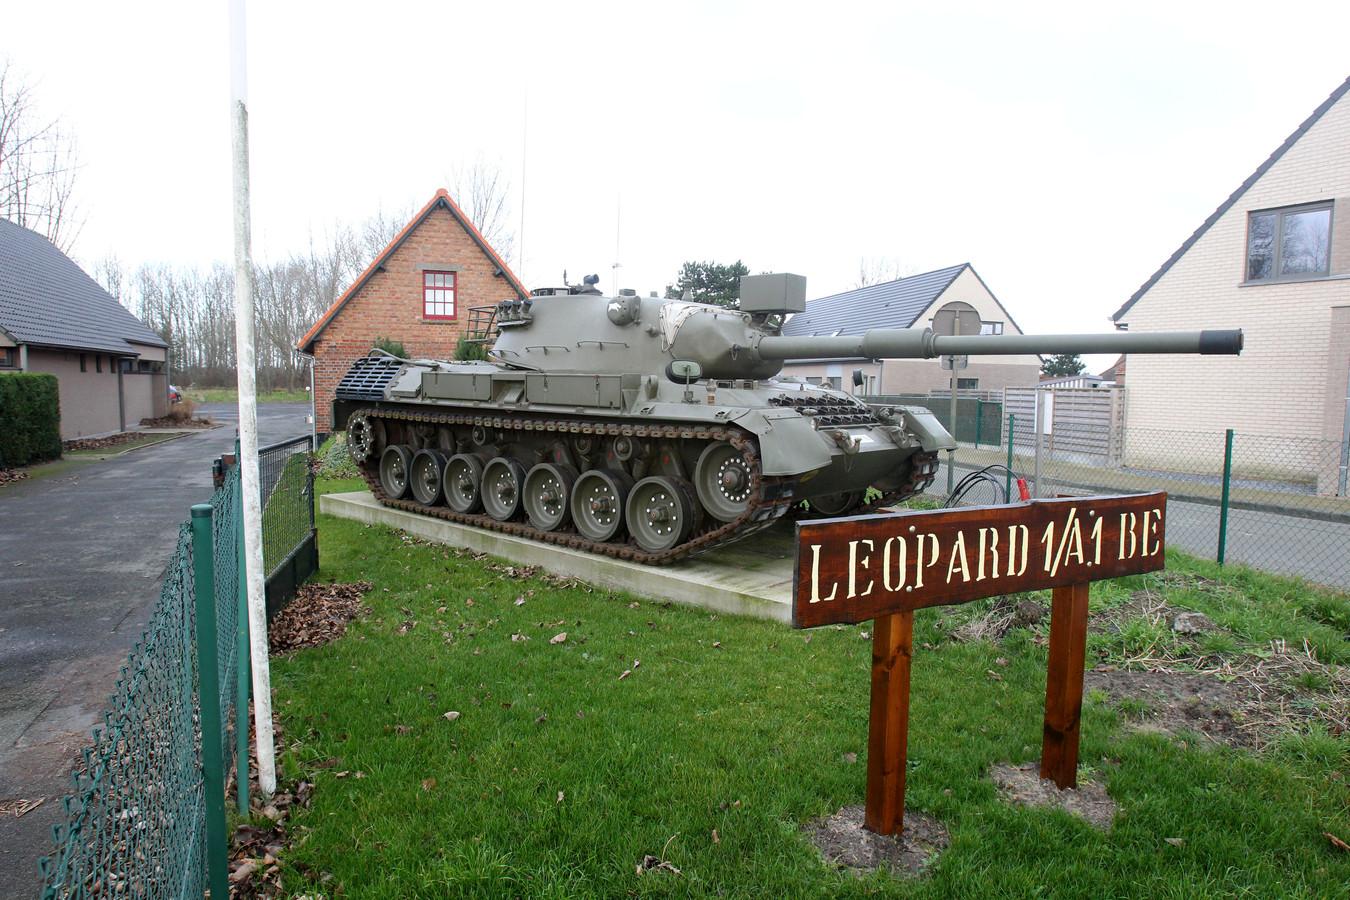 Tegen eind juni zal deze tank, opgesteld bij Museum Cabour WOI, opnieuw blinken.